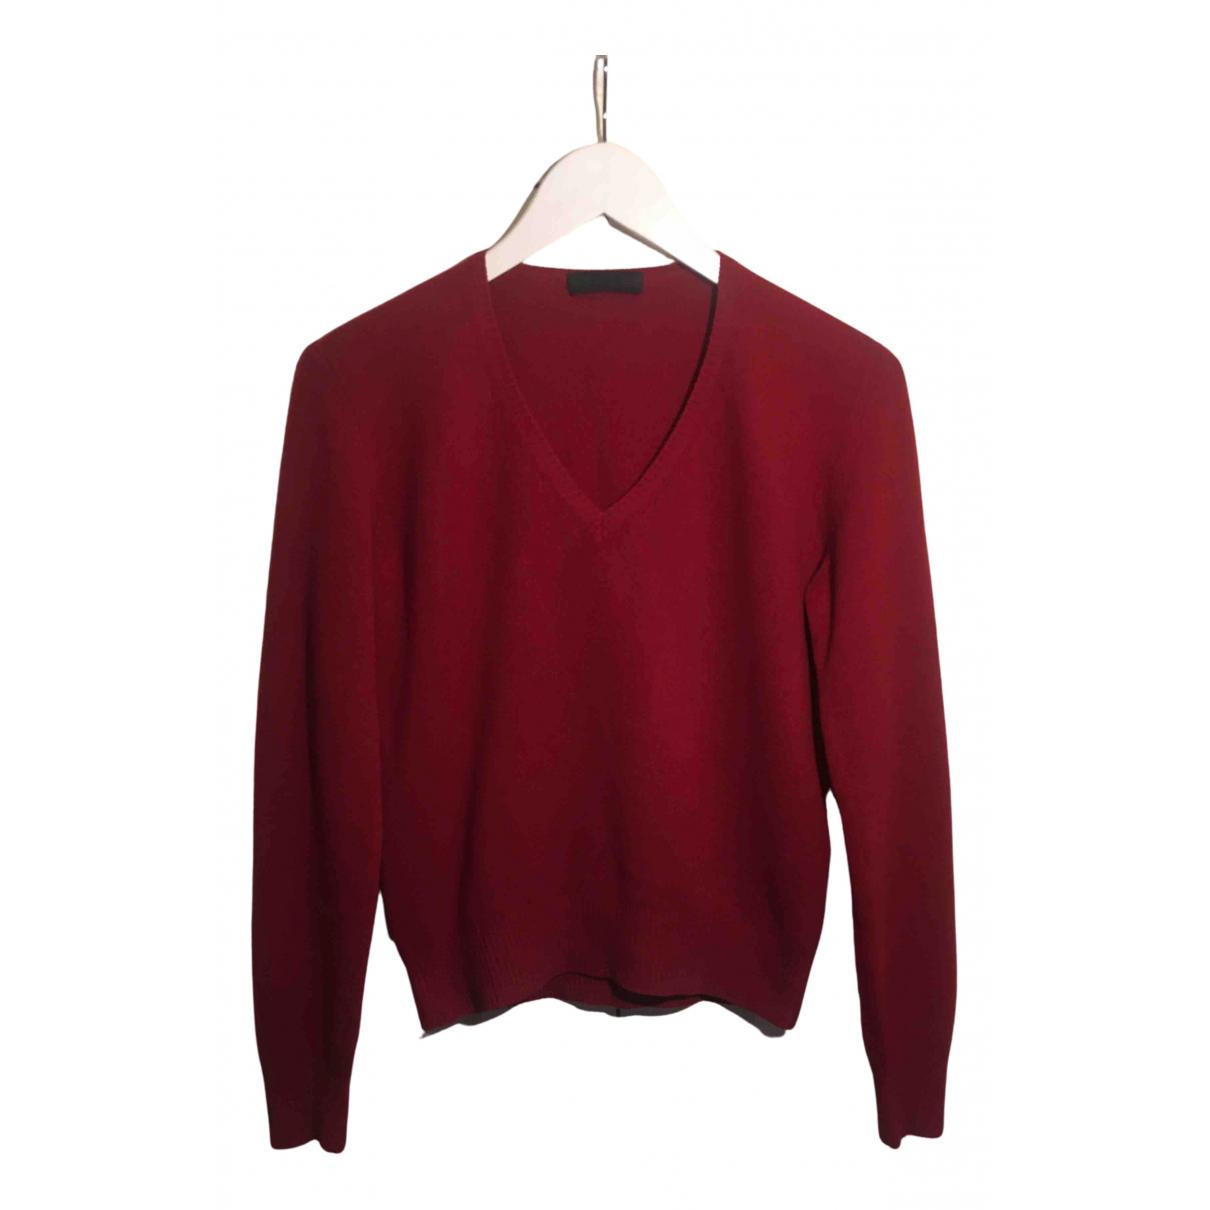 Prada N Red Wool Knitwear for Women 44 IT